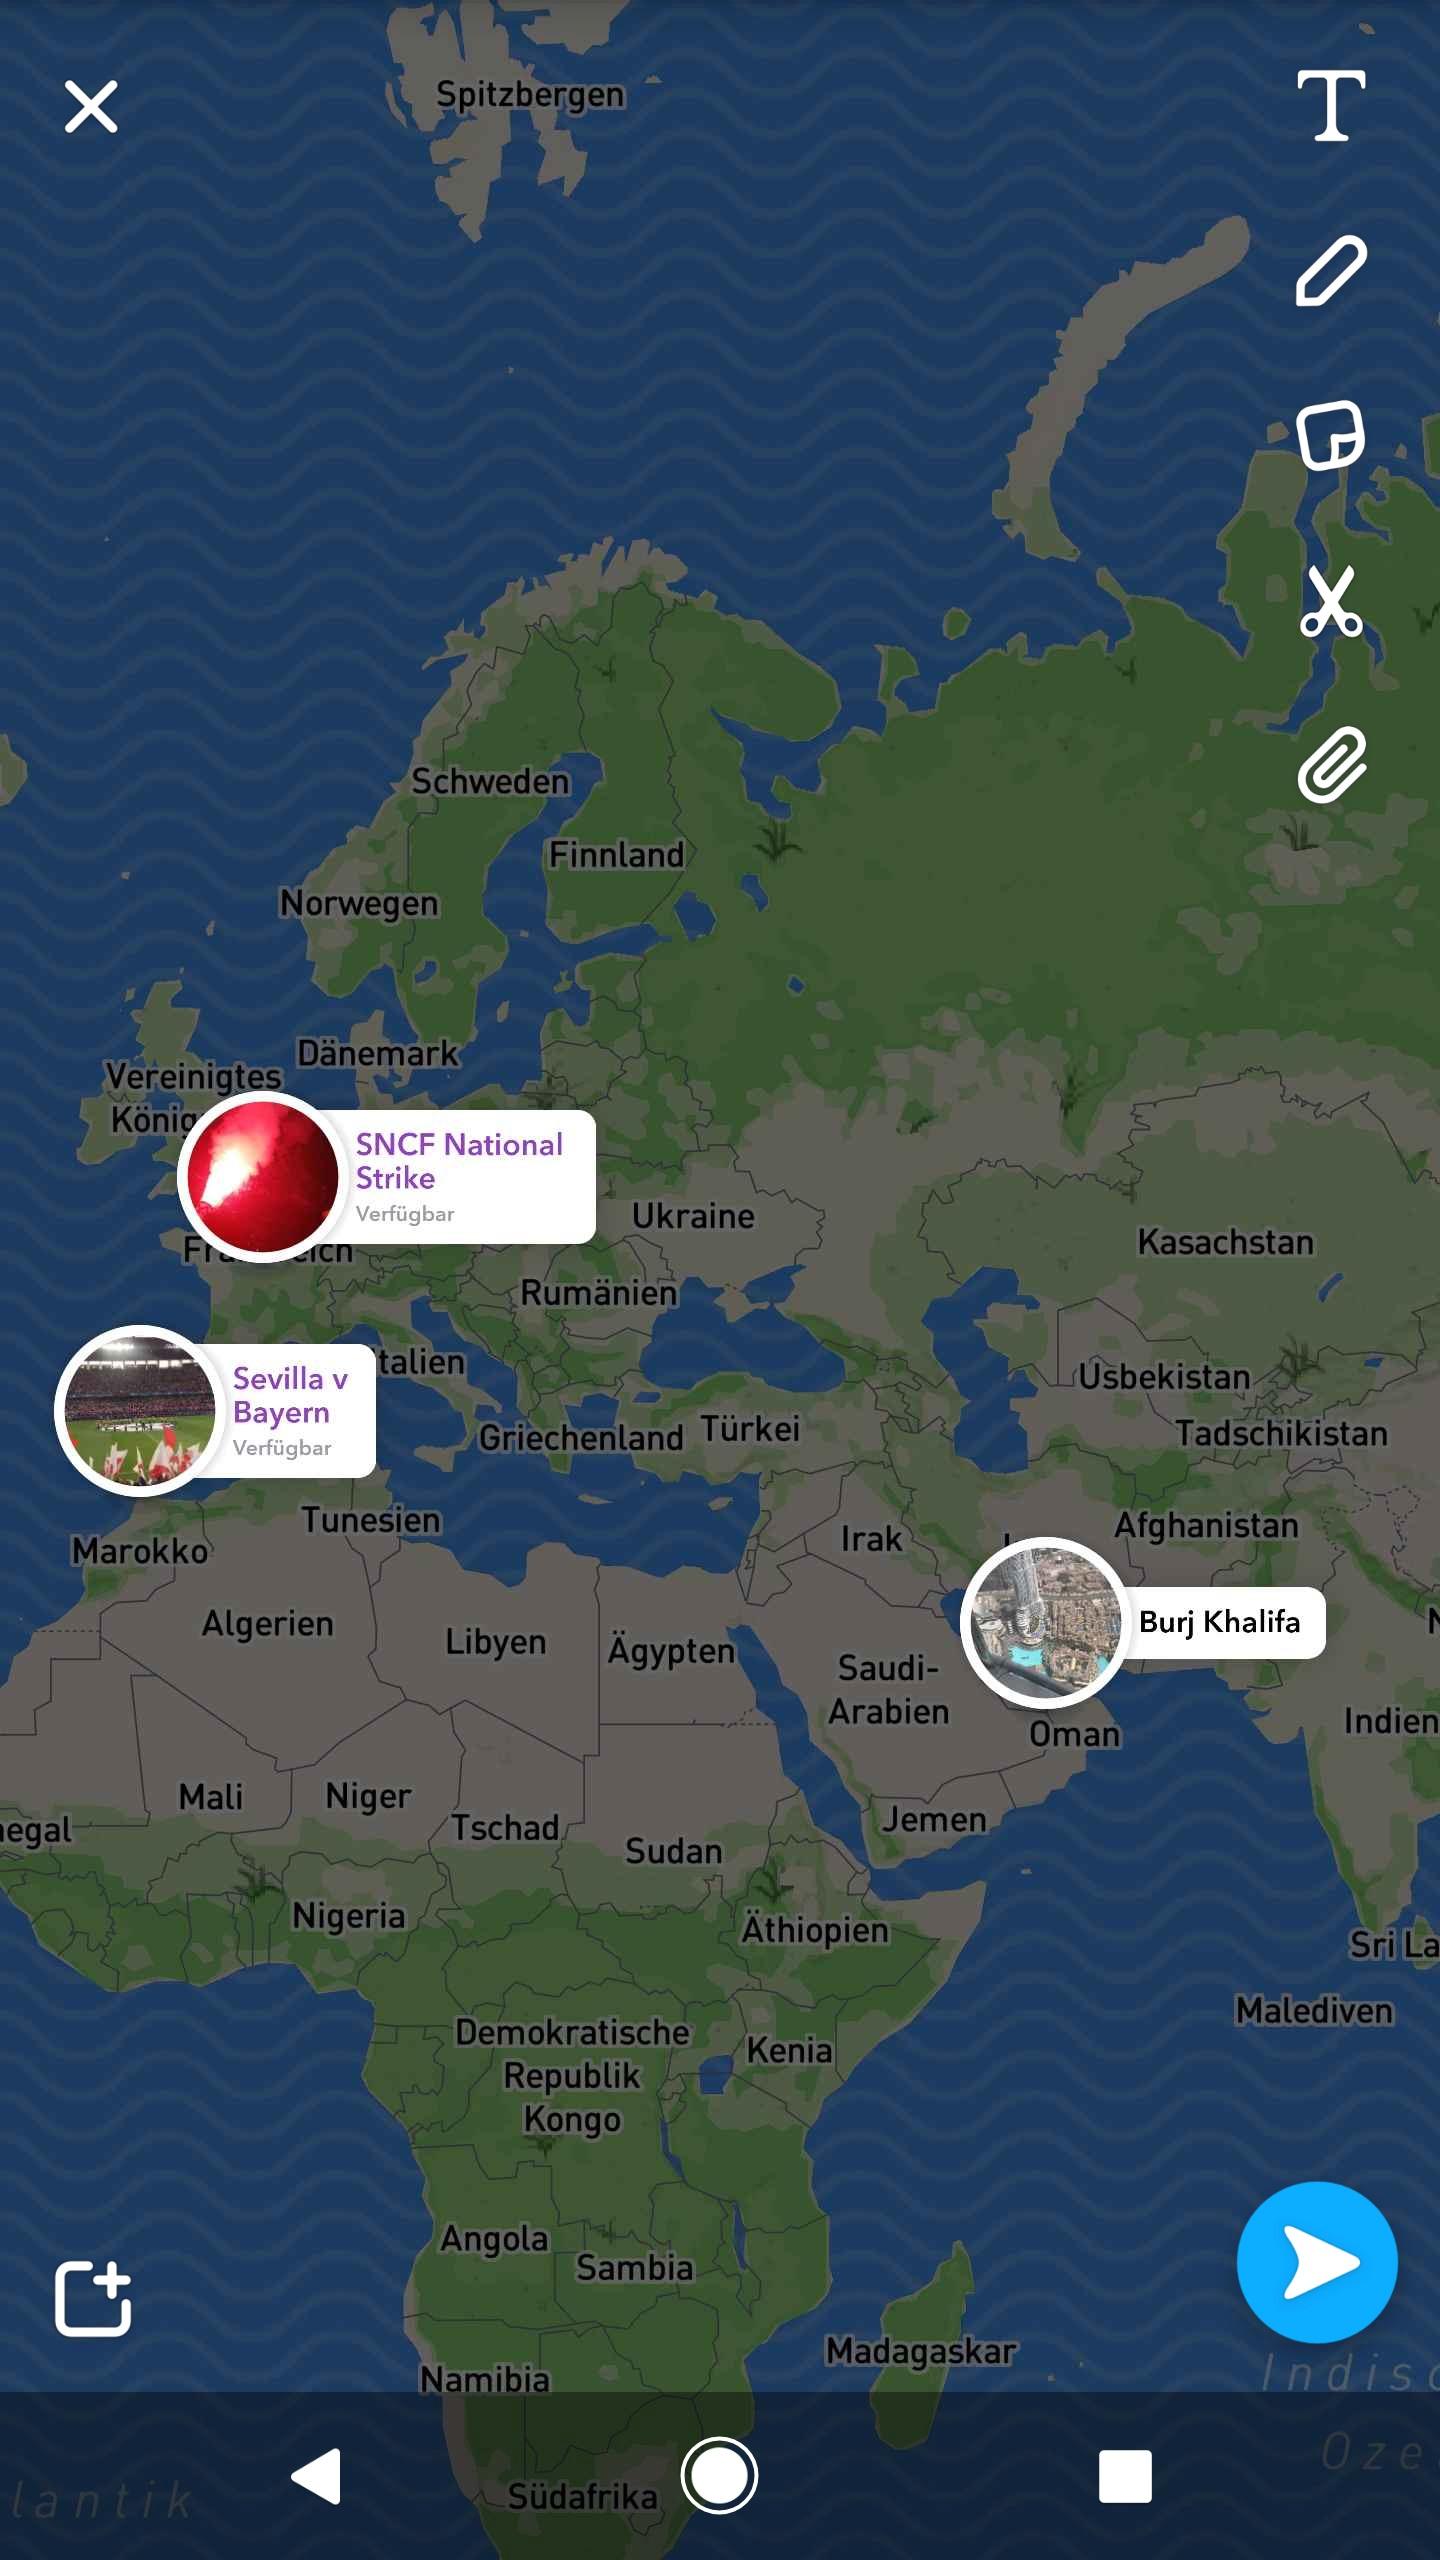 Snapchat Karte.Snapchat Map Explore Die Karte Zeigt Aktivitäten Eurer Freunde An